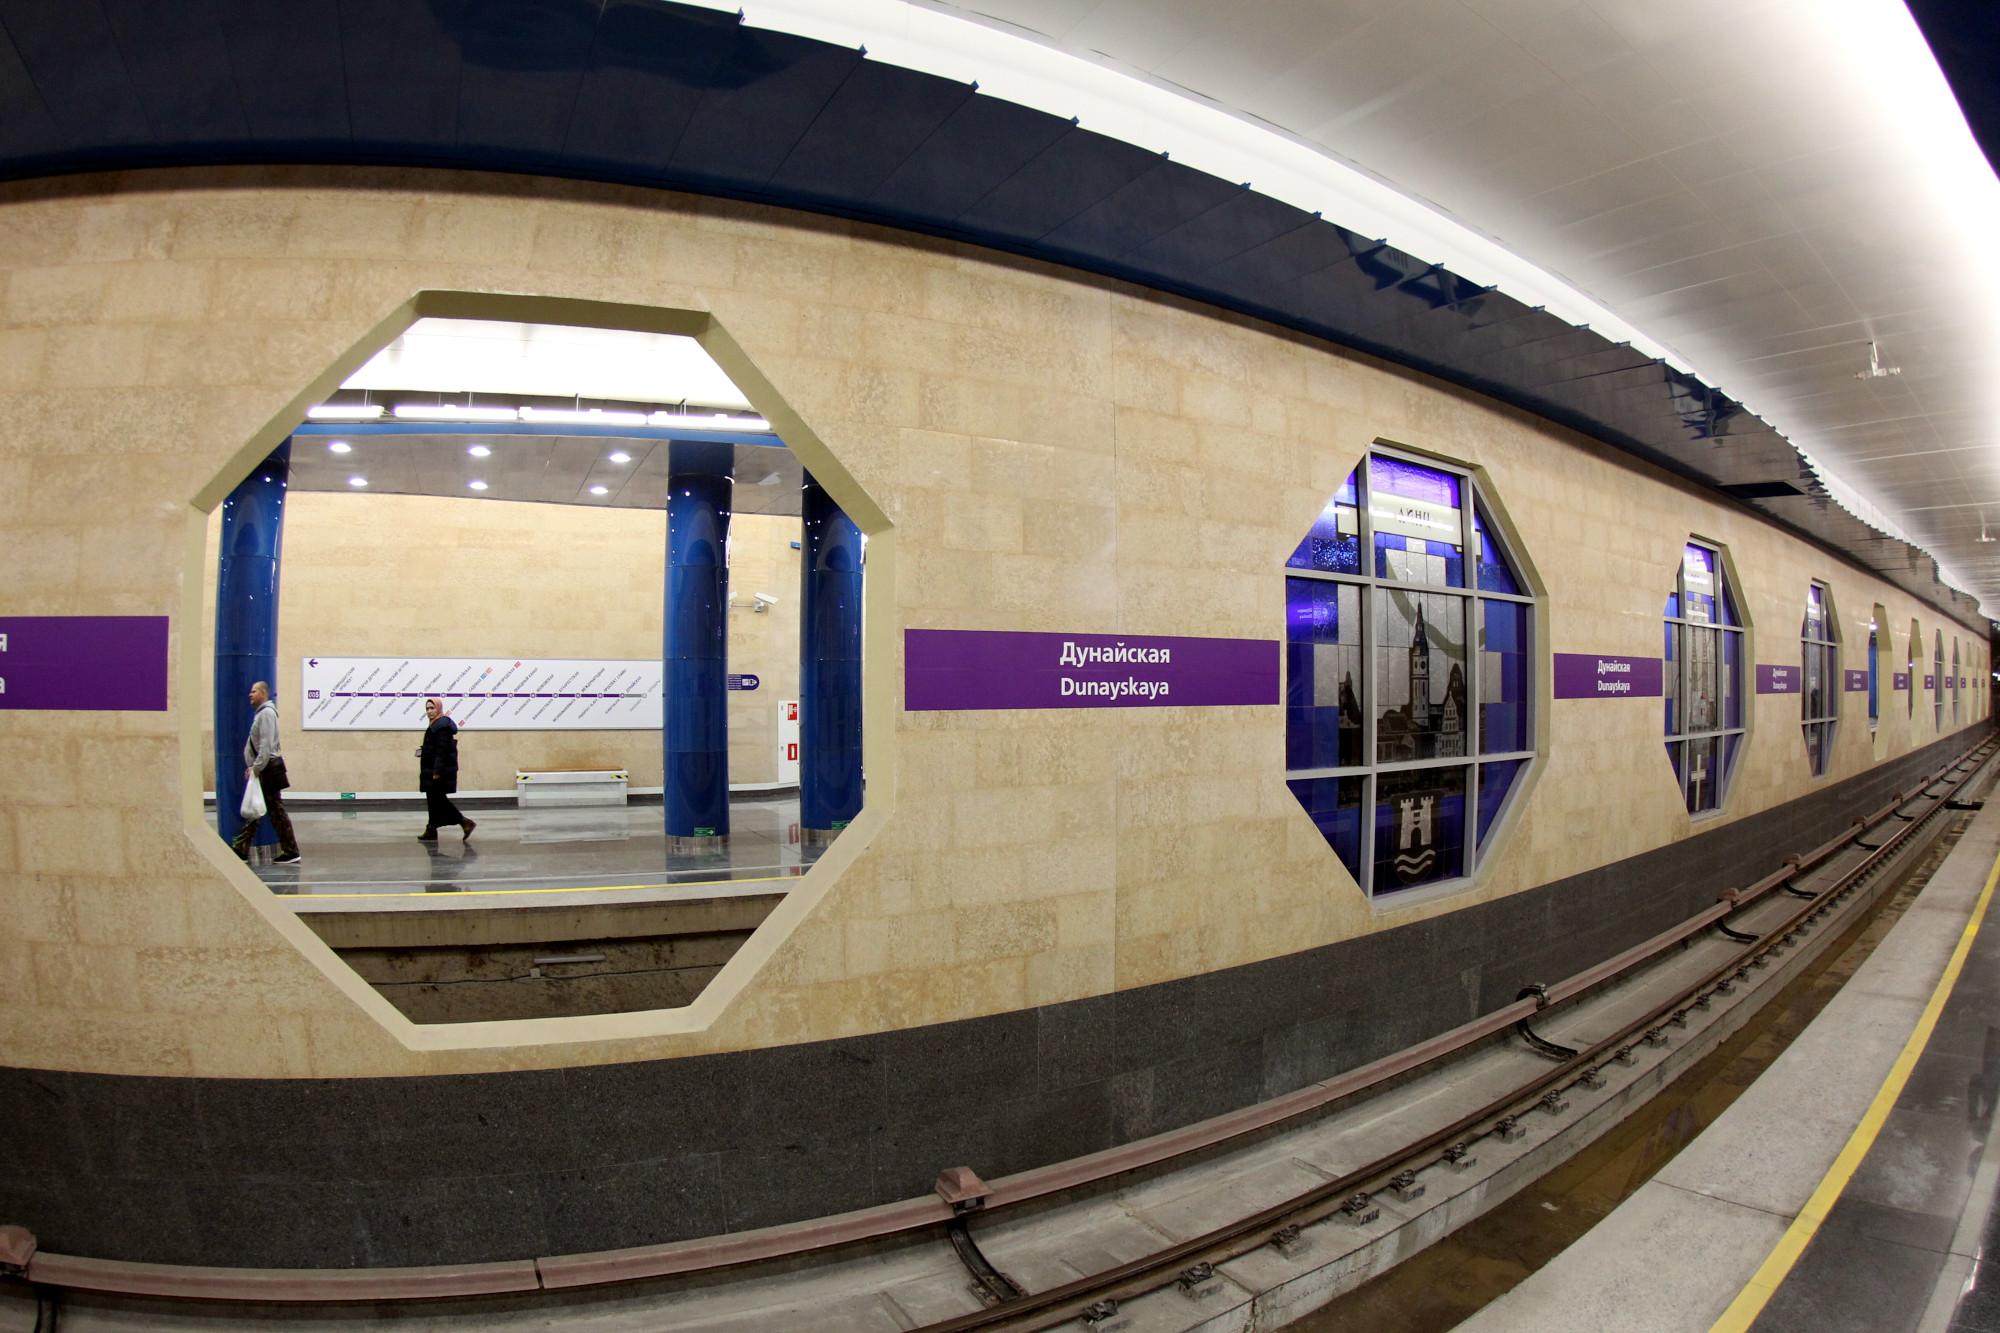 станция метро Дунайская Фрунзенский радиус